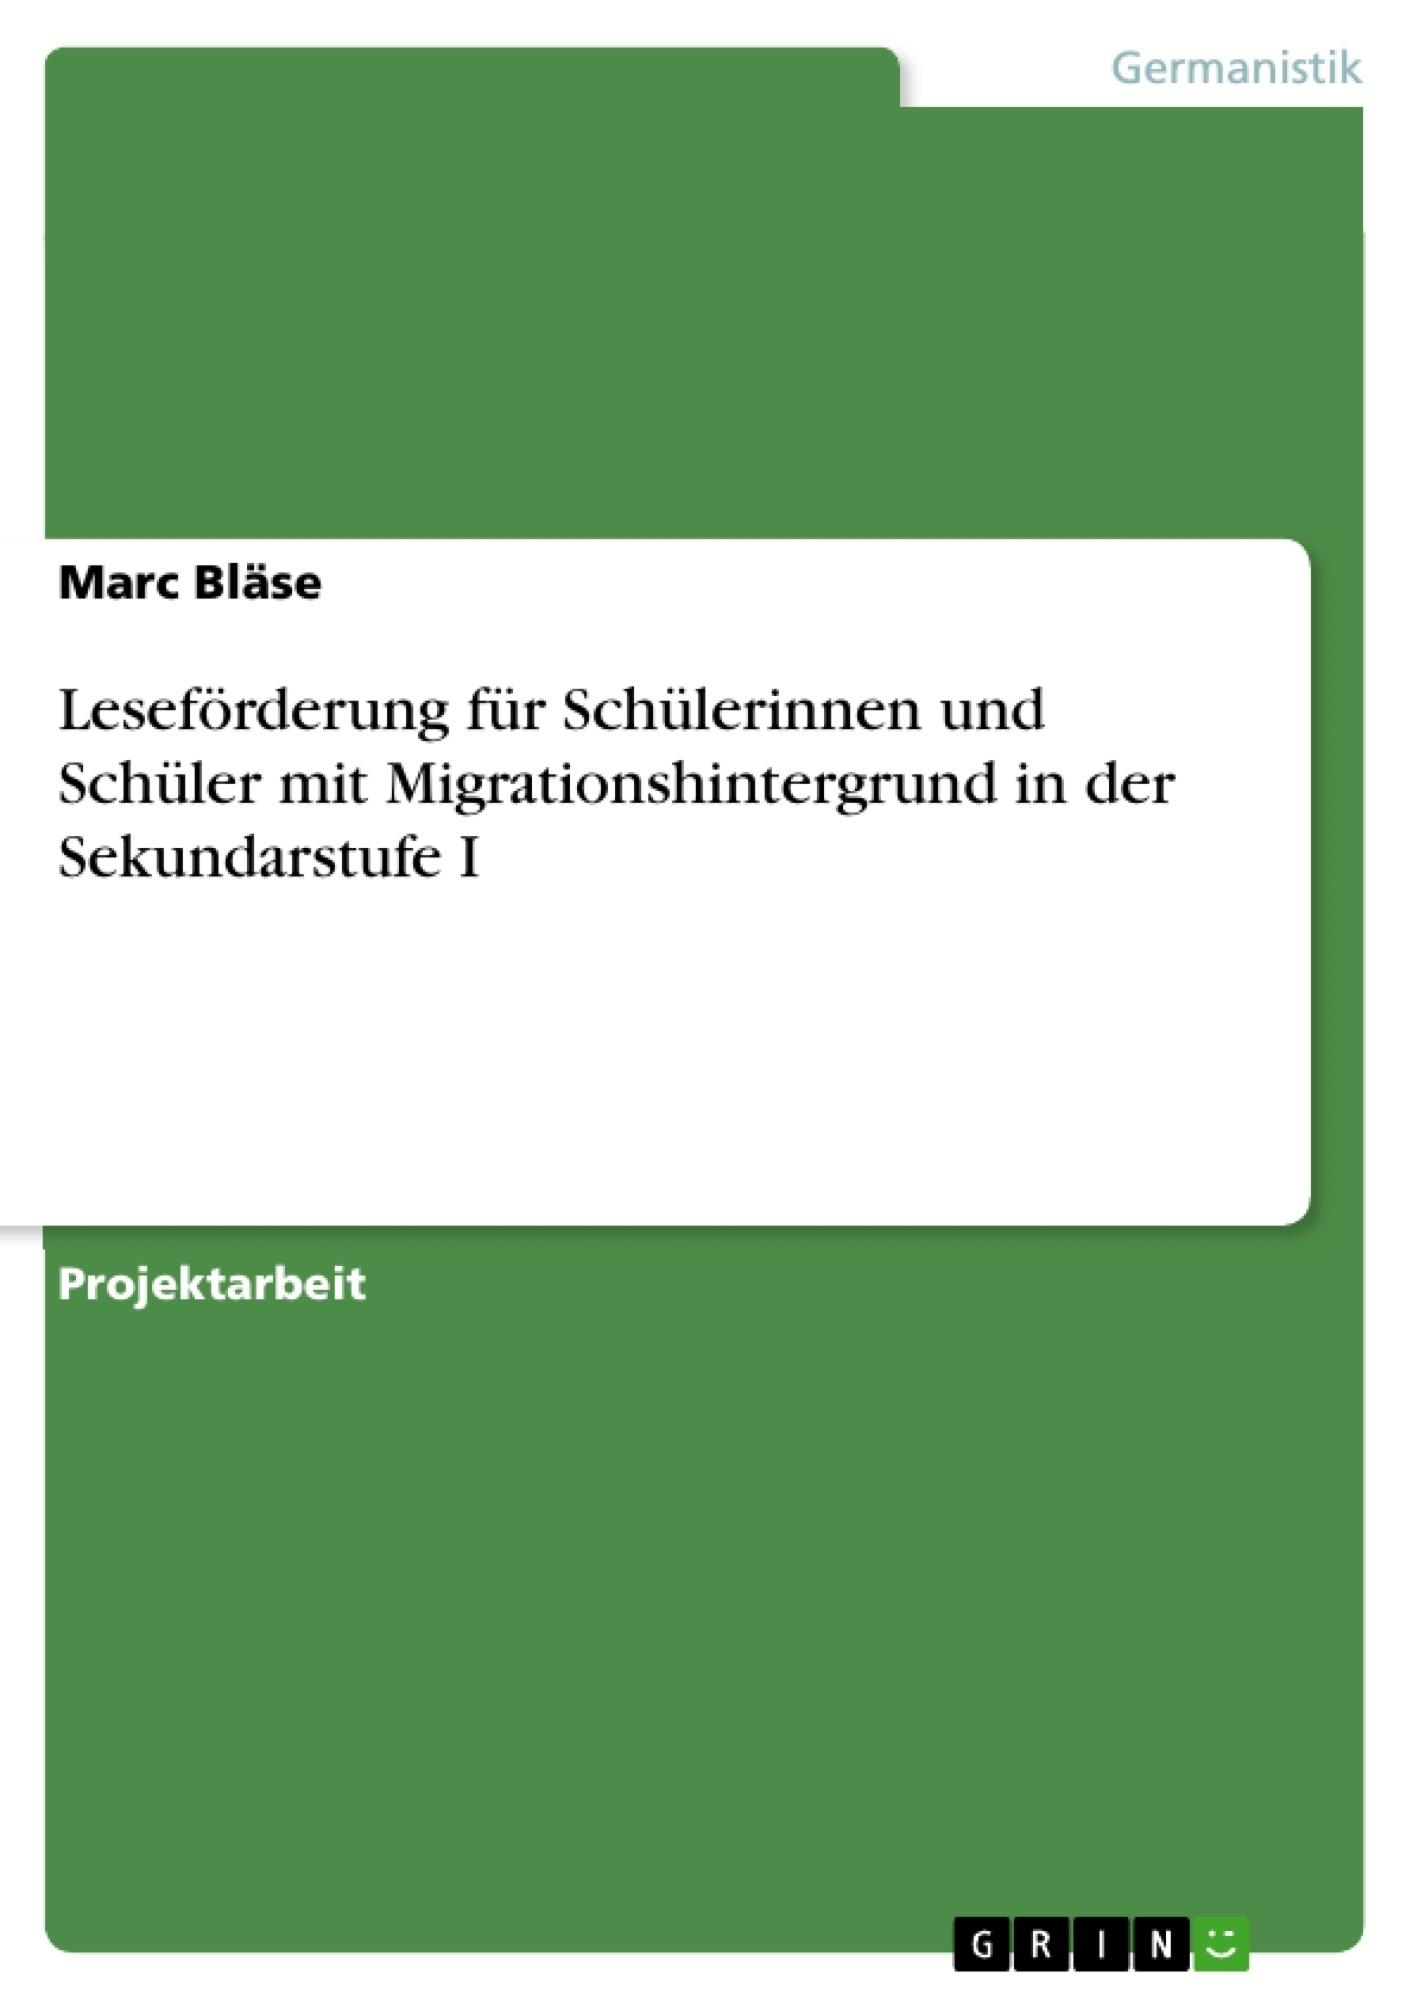 Titel: Leseförderung für Schülerinnen und Schüler mit    Migrationshintergrund in der Sekundarstufe I